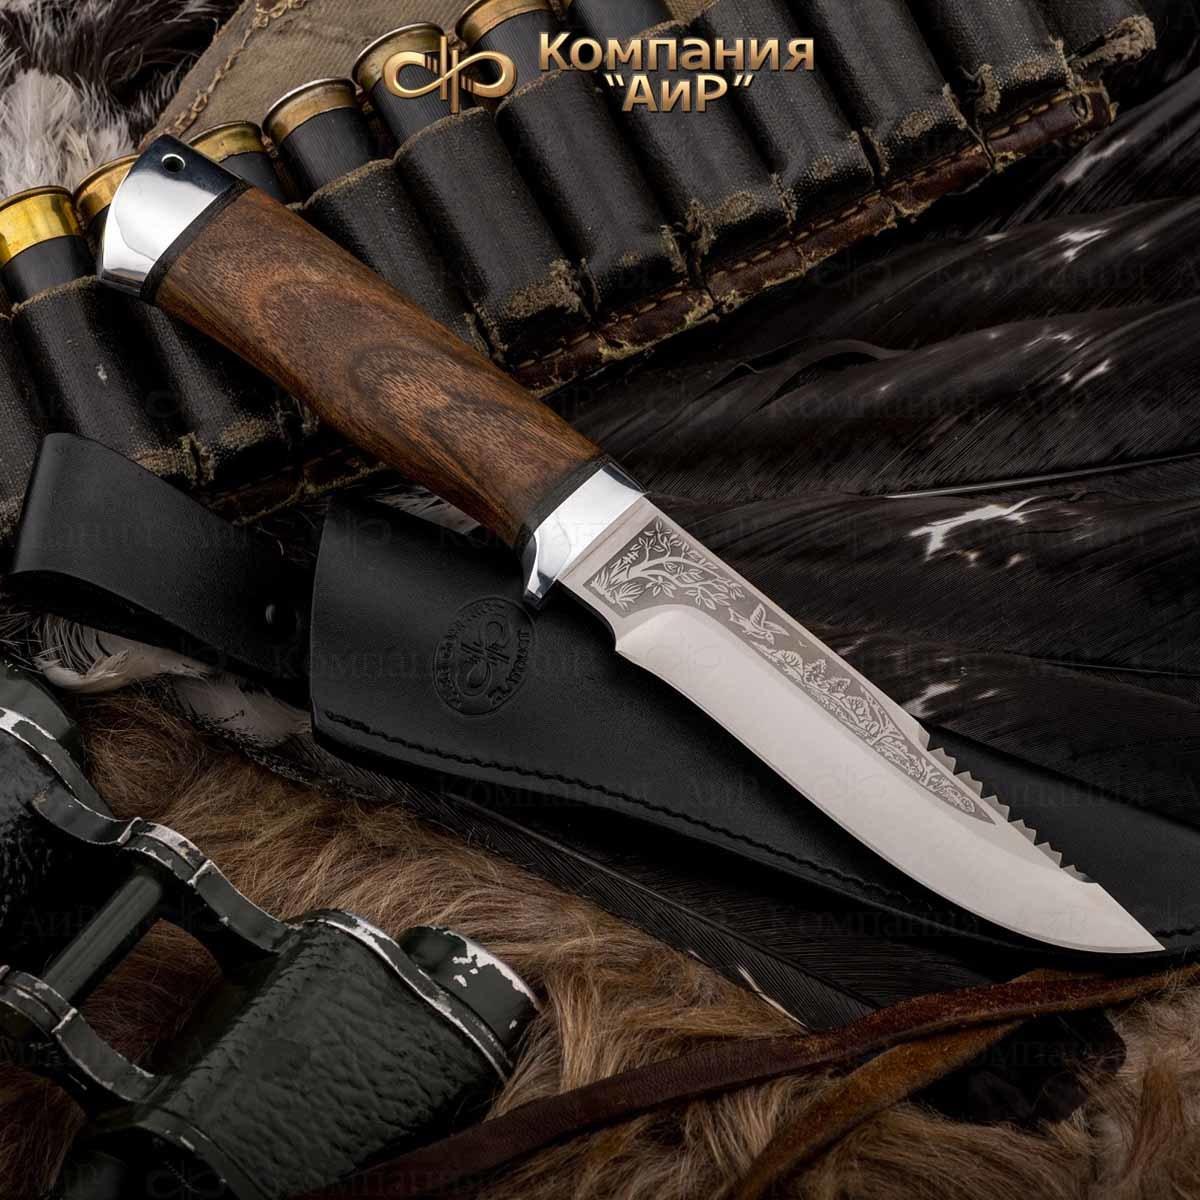 Нож АиР Стрелец, сталь 110х18 М-ШД, рукоять дерево